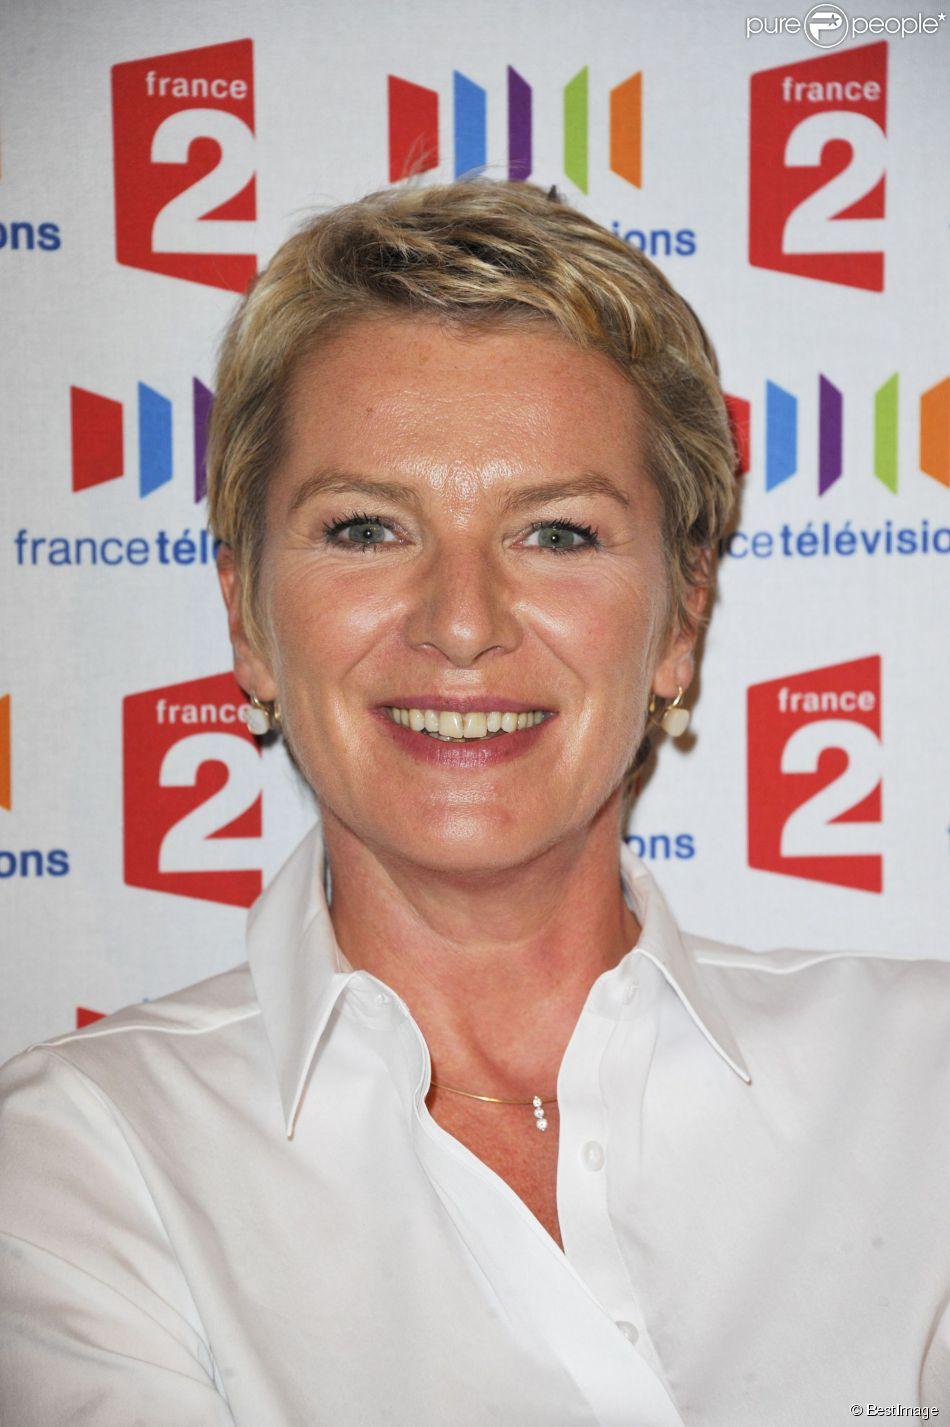 Elise Lucet, conférence de presse pour la rentrée de France 2 en 2011 à Paris.